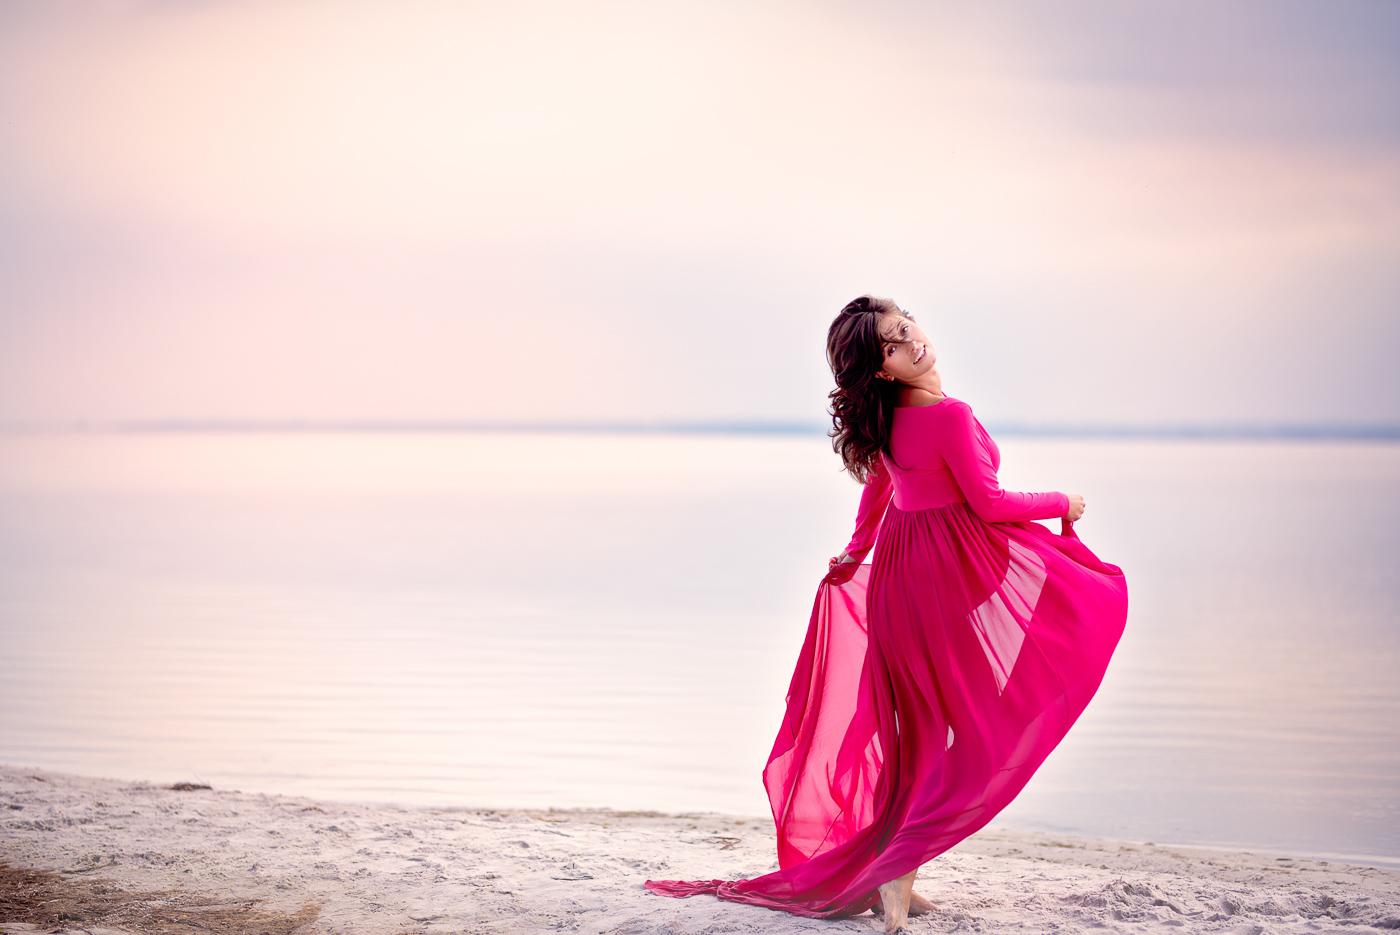 sesja ciążowa w różowej sukience zdjęcie o zachodzie słońca, różowe niebo na plaży nad morzem_Trójmiasto Anita Talaśka Fotografia